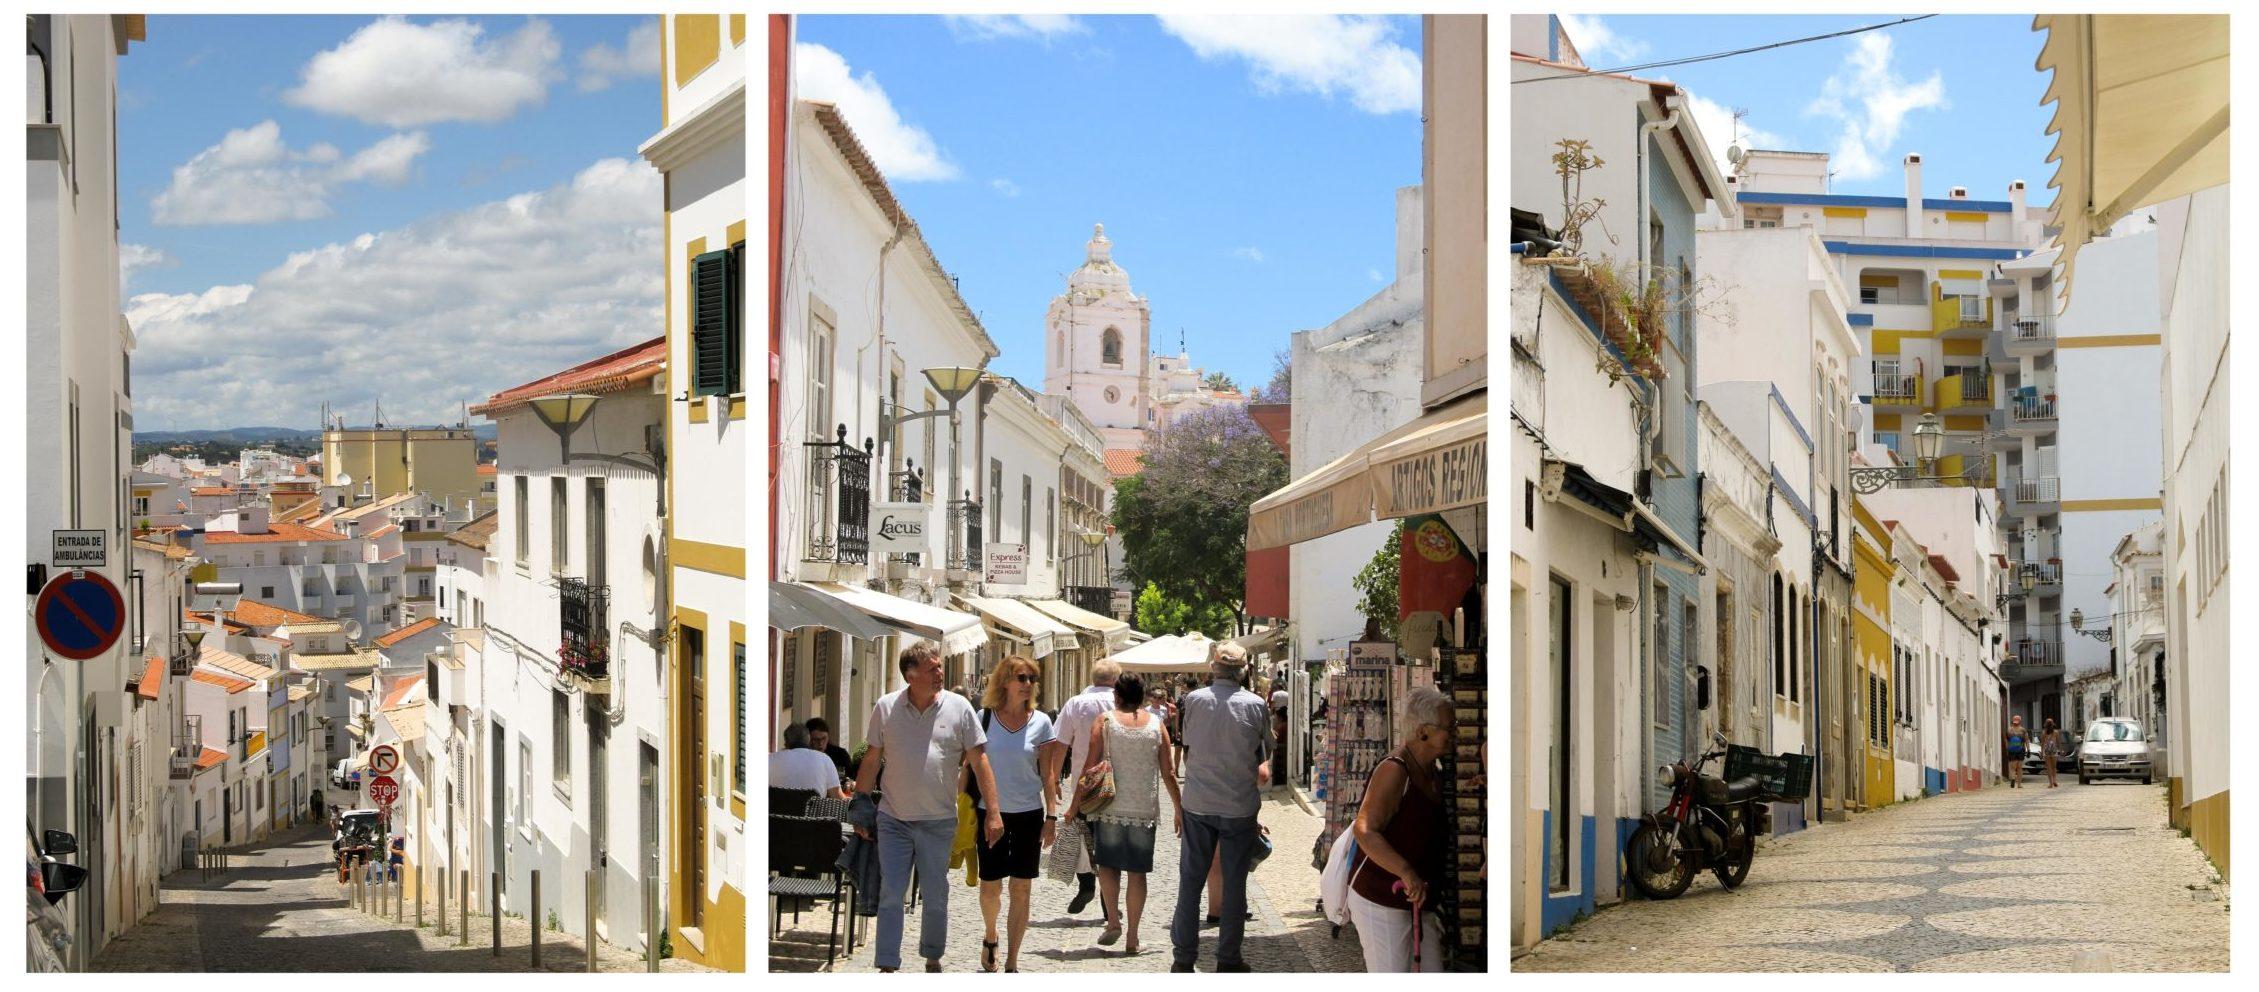 Lagos | Découvrez dans cet article les plus beaux endroits, notamment les plages et villages, de la côte sud de l'Algarve au Portugal.